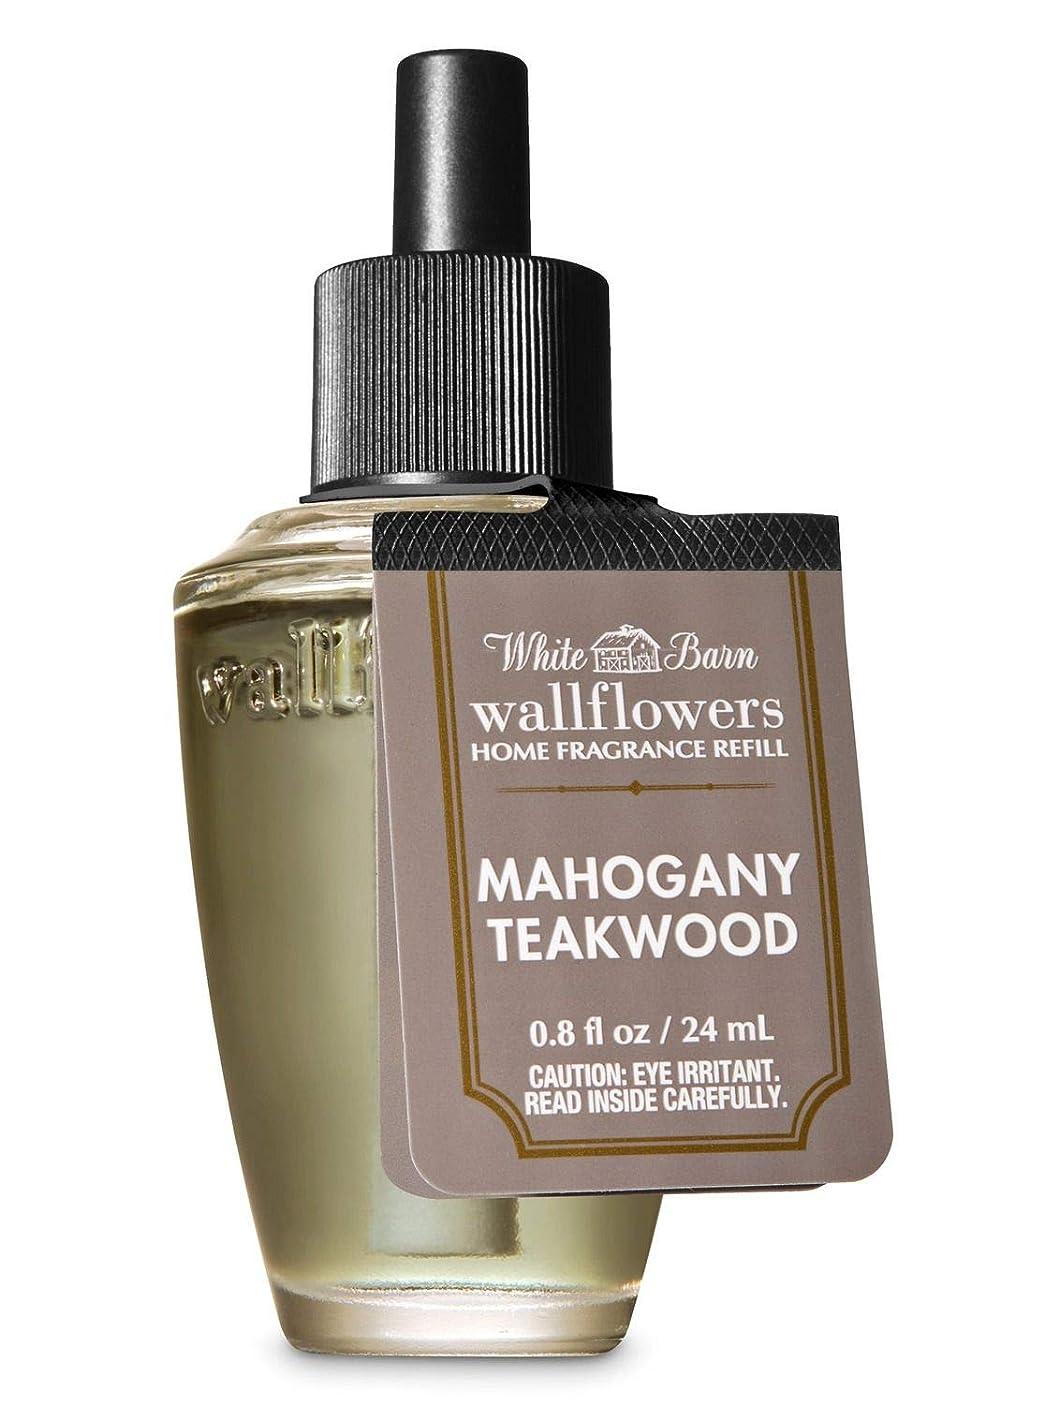 限りなく提供された例外【Bath&Body Works/バス&ボディワークス】 ルームフレグランス 詰替えリフィル マホガニーティークウッド Wallflowers Home Fragrance Refill Mahogany Teakwood [並行輸入品]